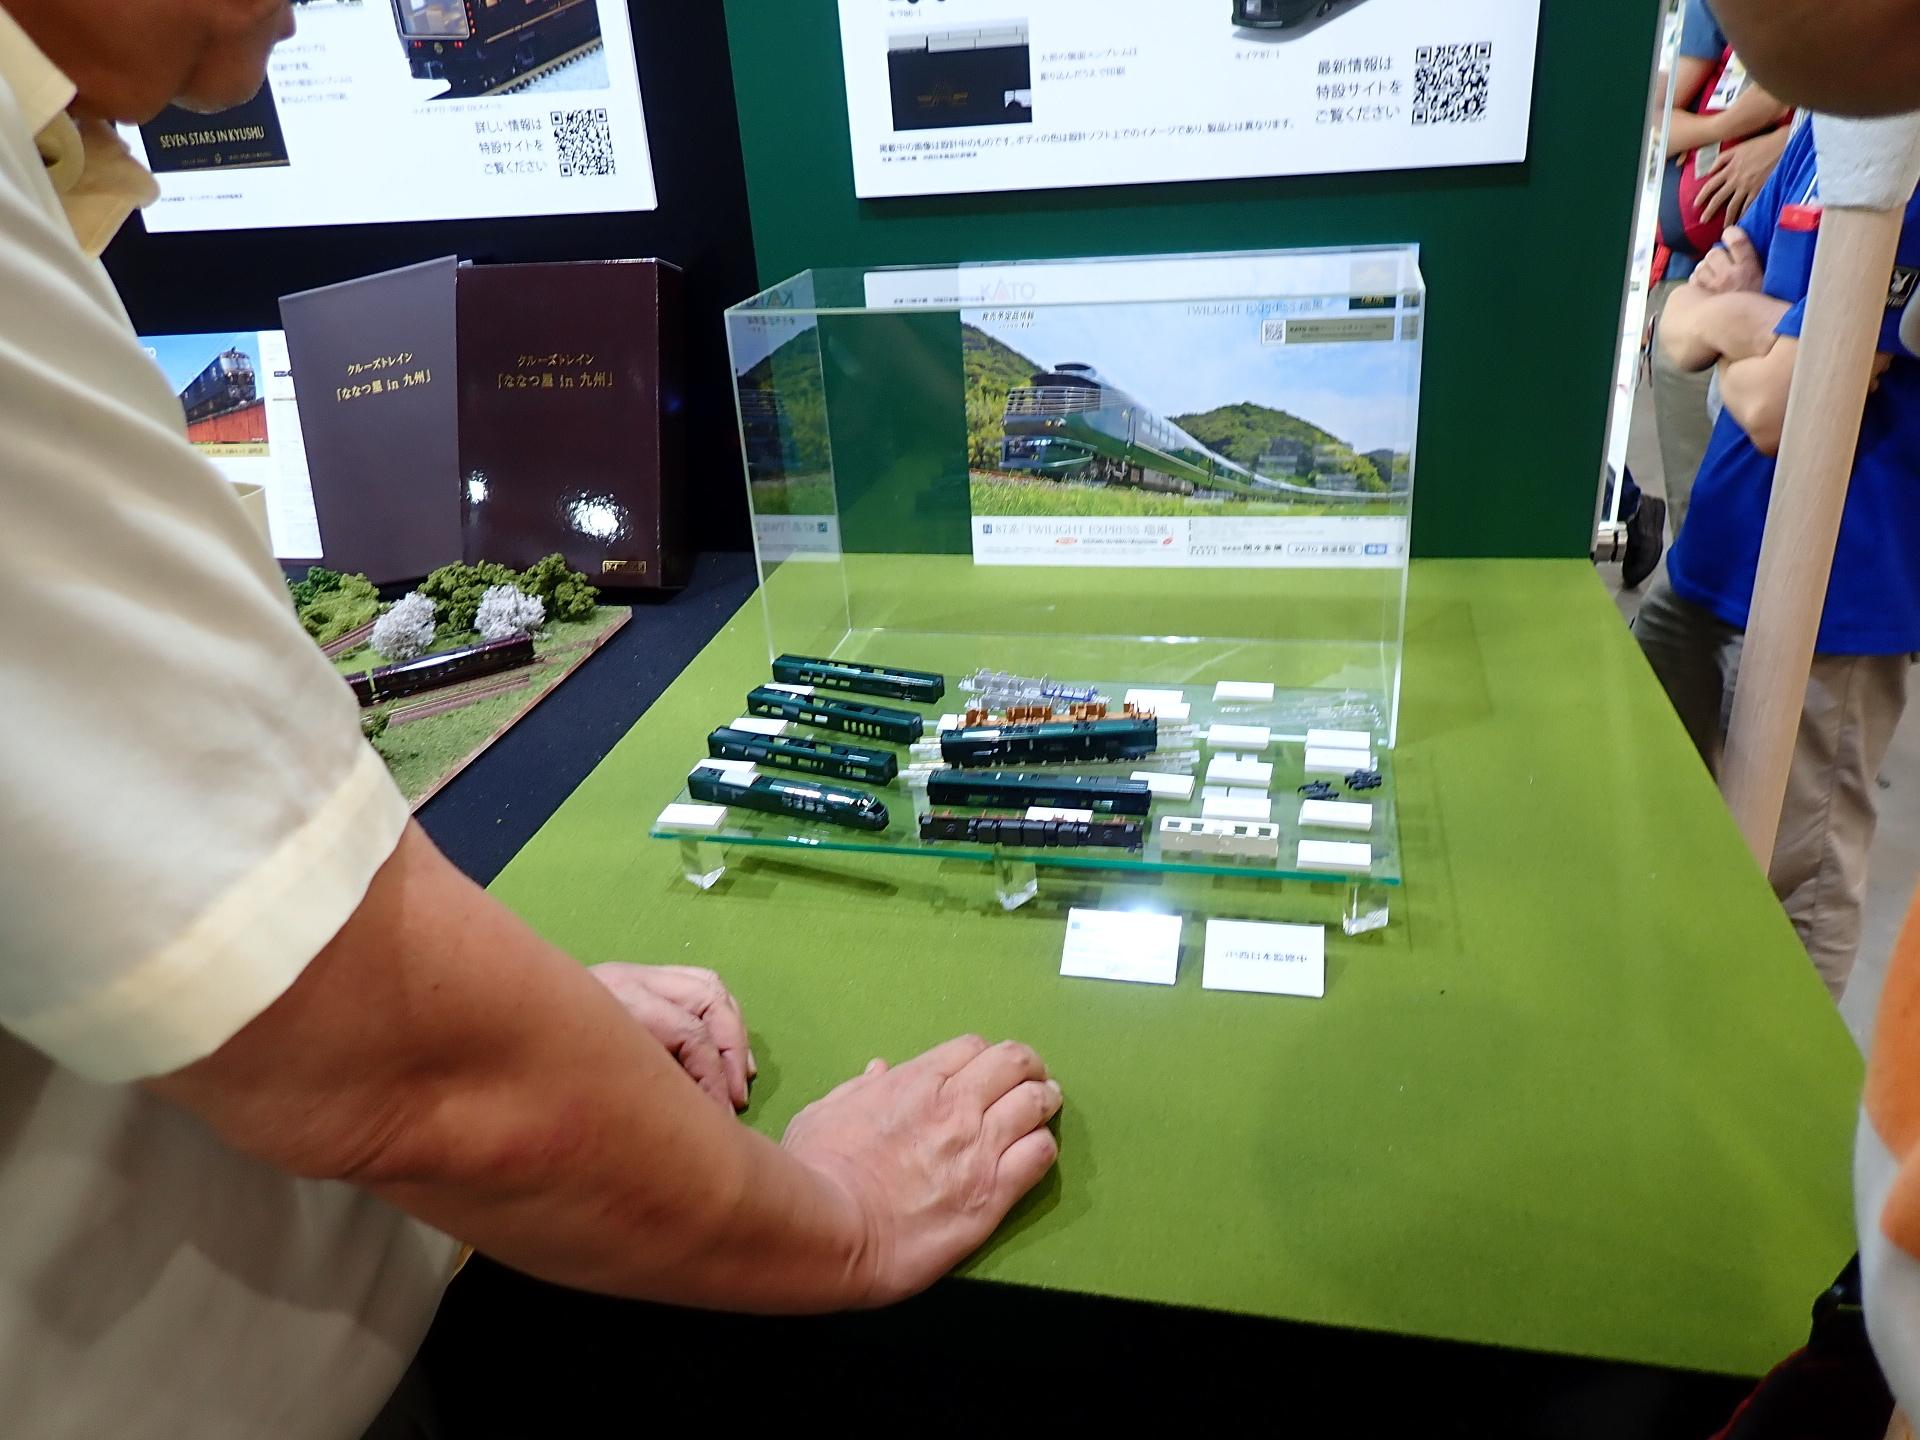 トワイライト瑞風試作品の展示。